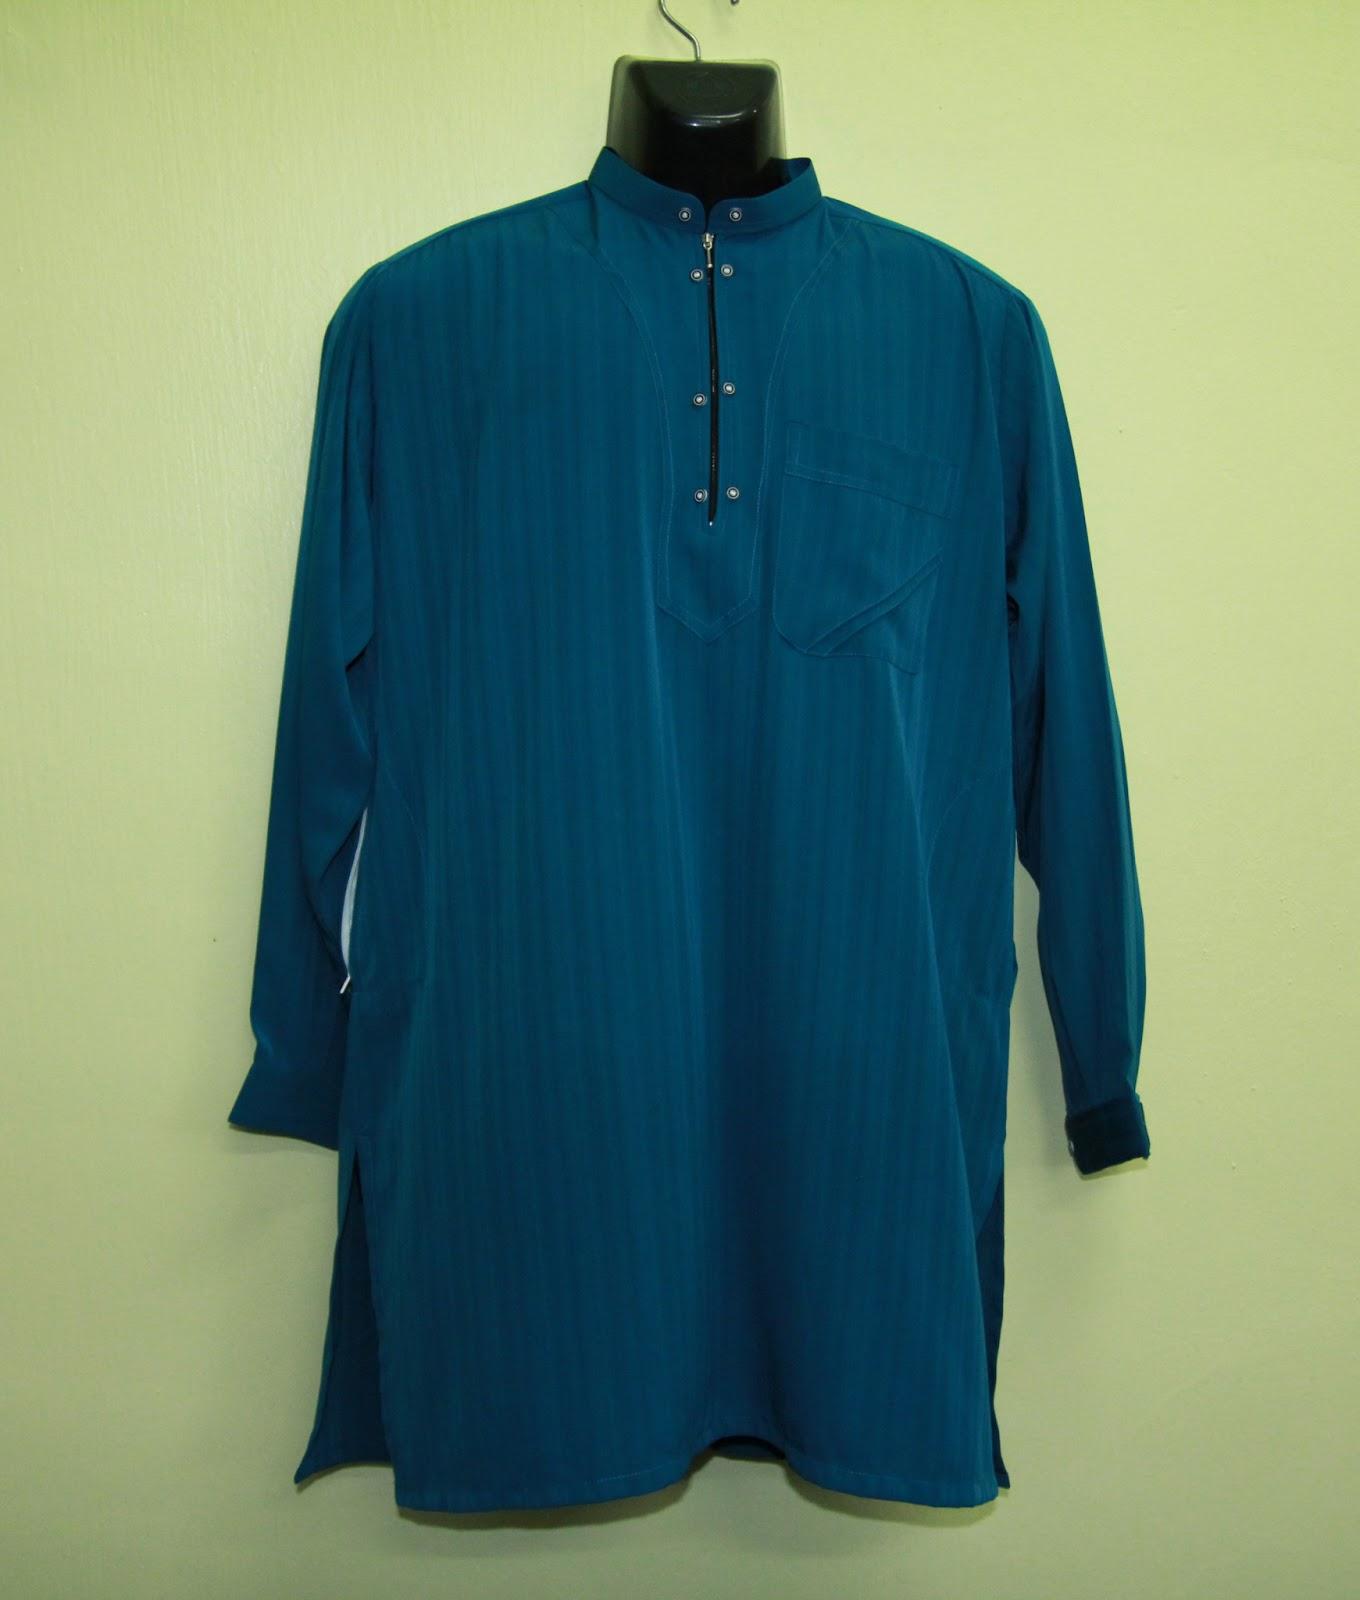 Baju kurta al bukhari plain color kain jalur mawar muslim